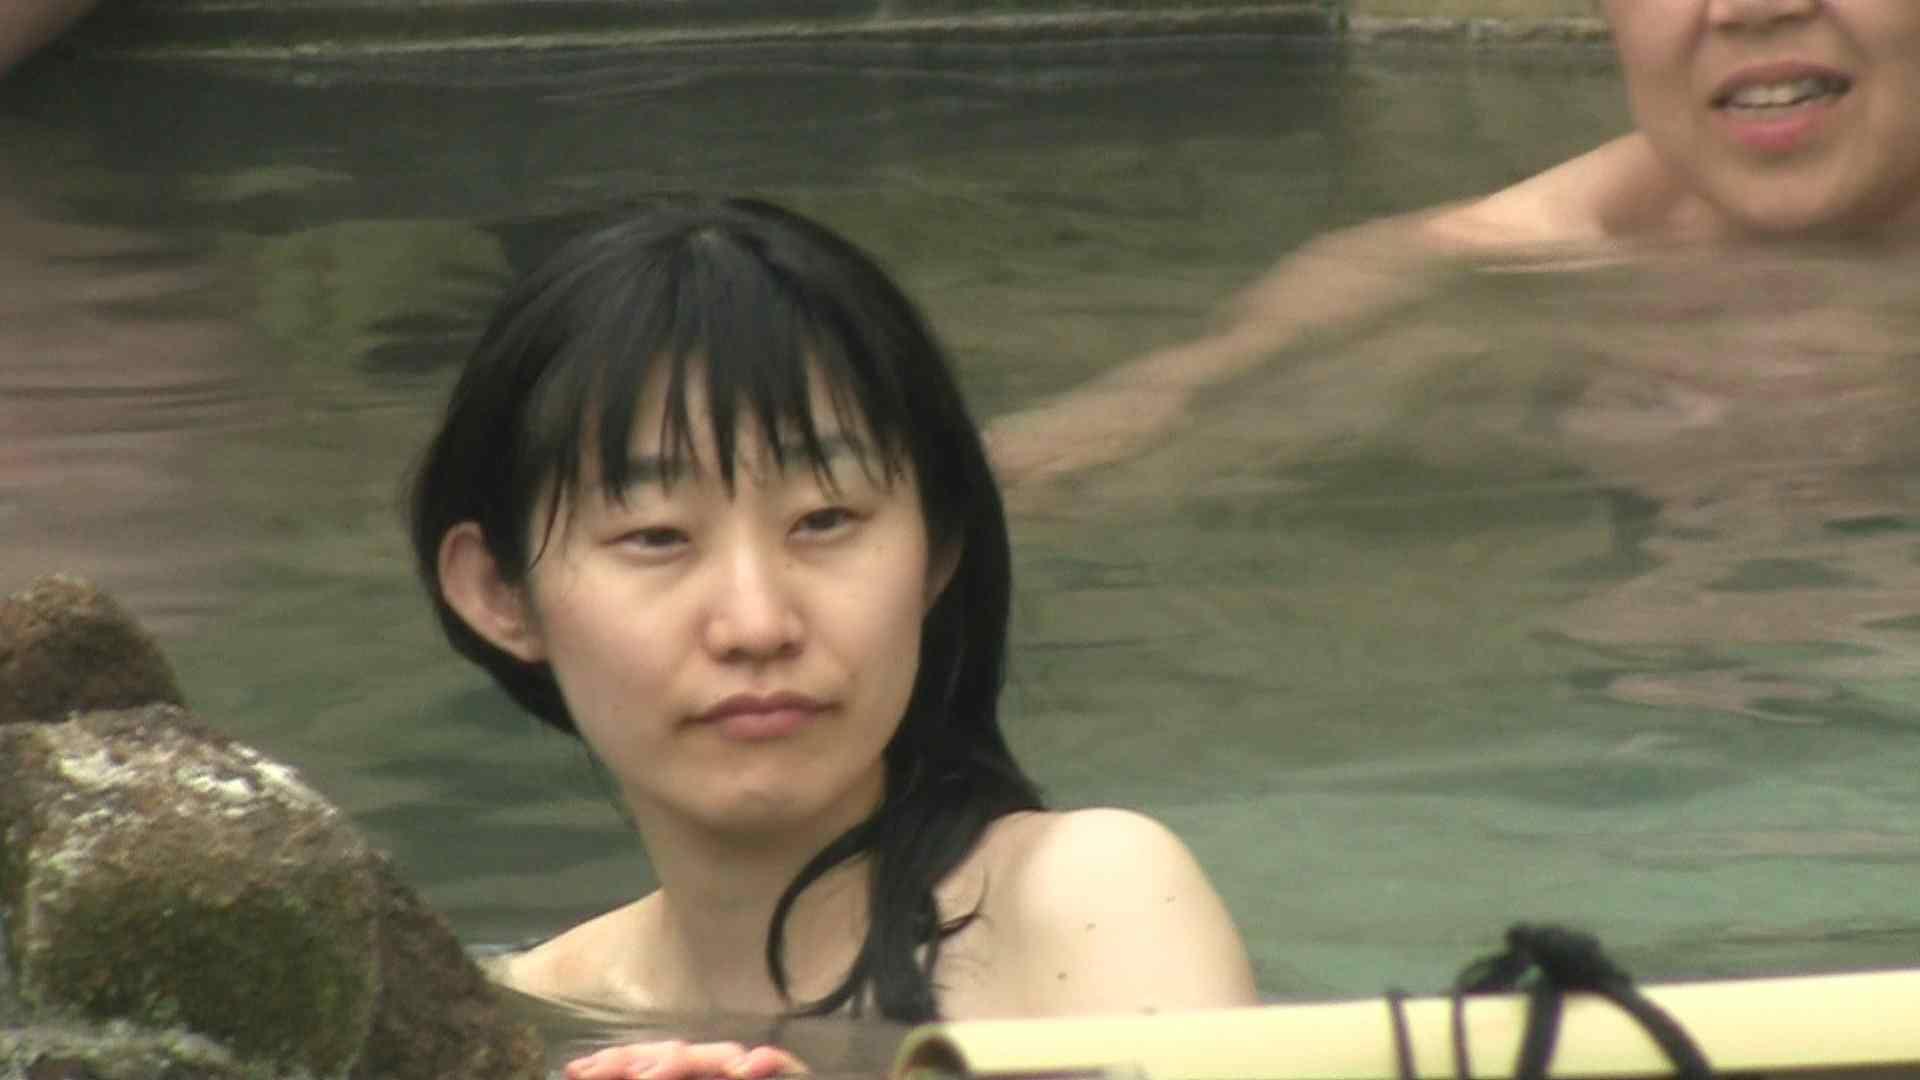 Aquaな露天風呂Vol.14【VIP】 盗撮シリーズ  94PIX 38